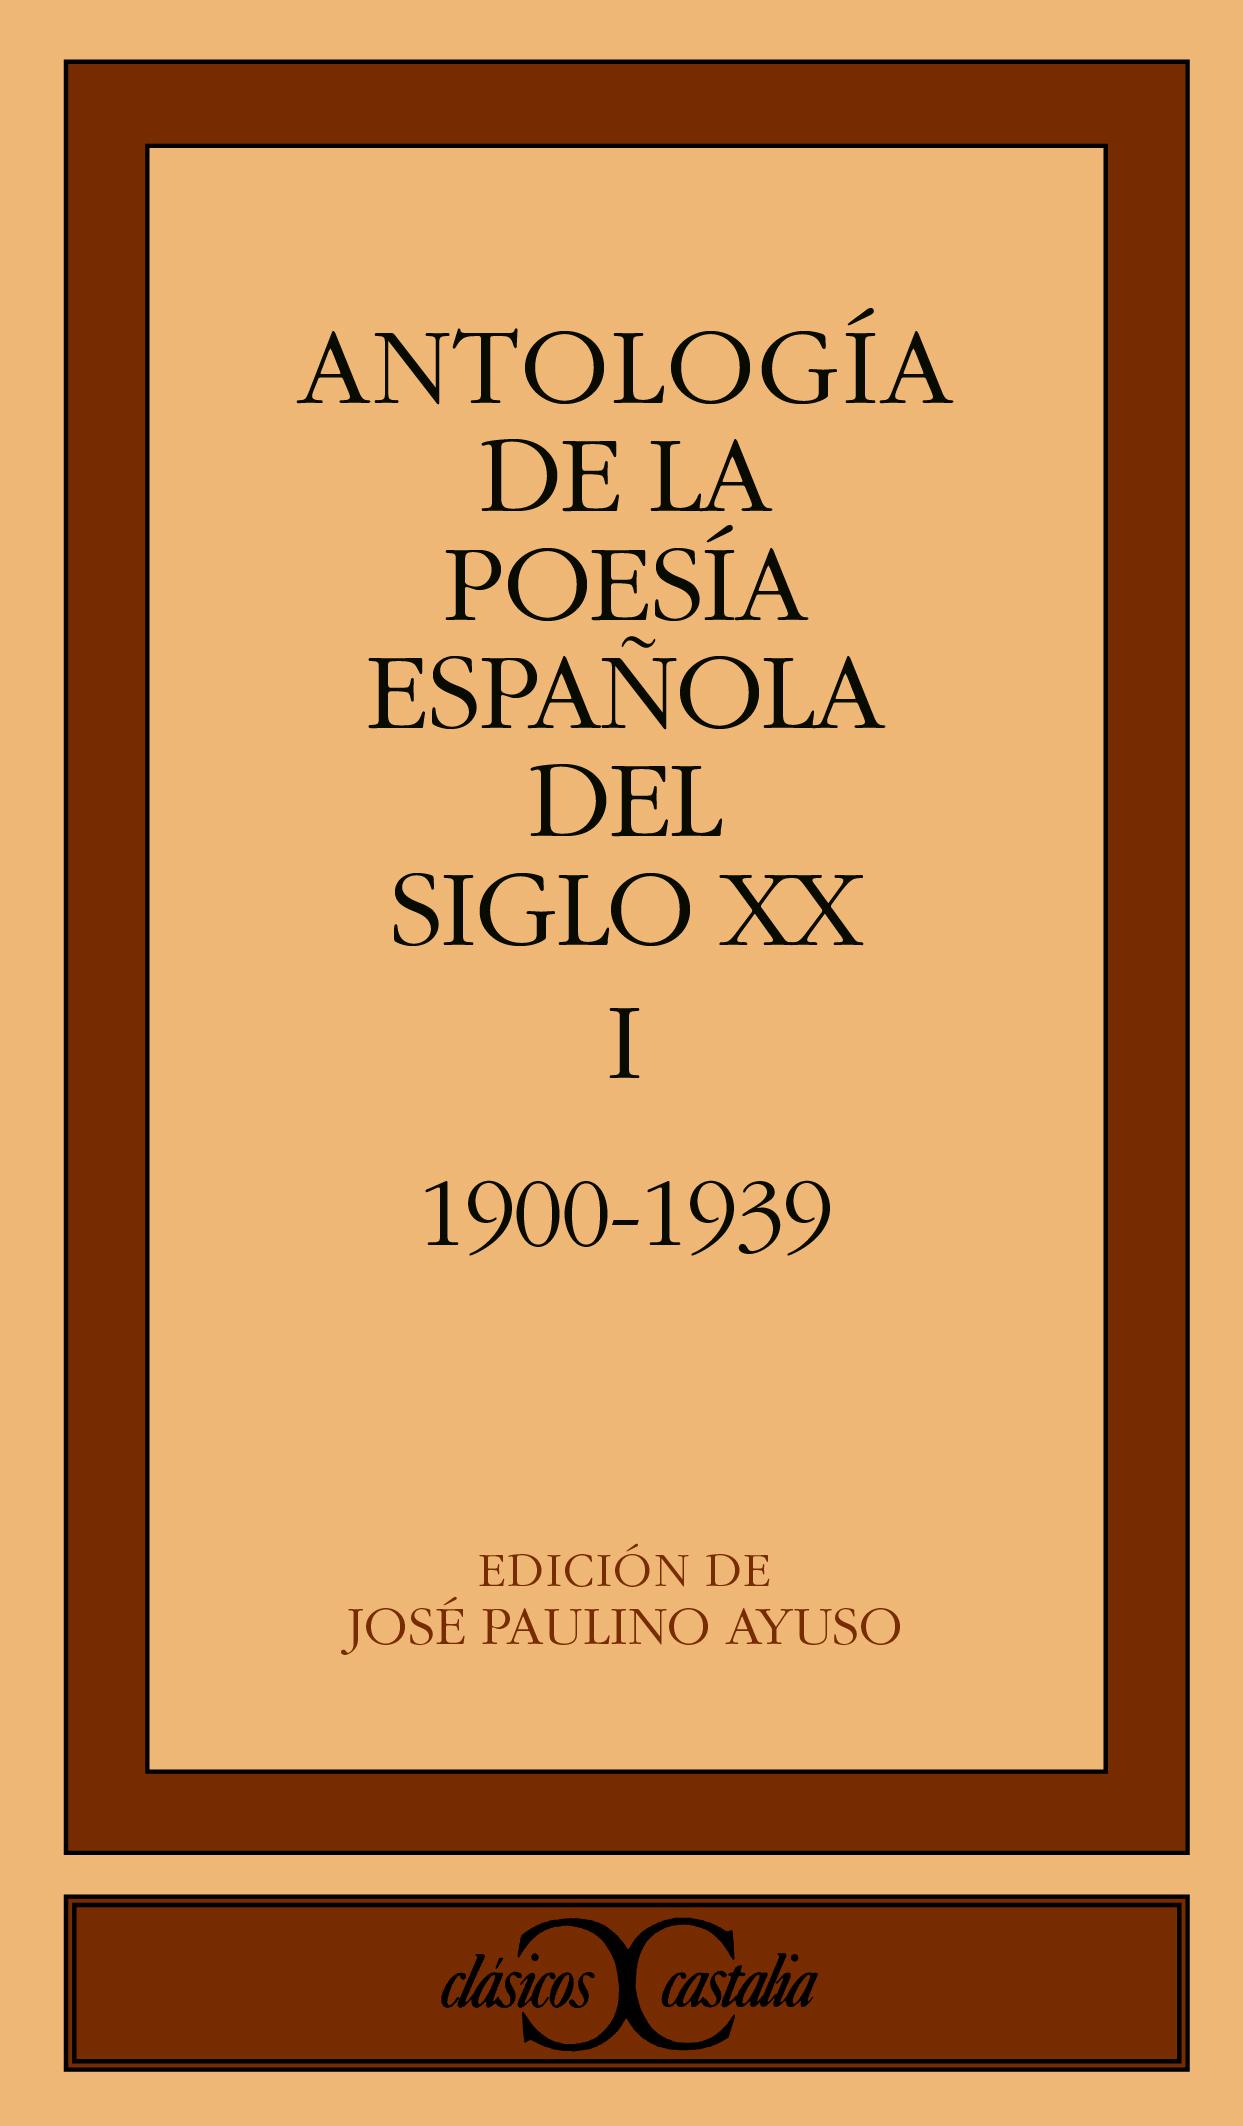 Antología de la poesía española del siglo XX (I)